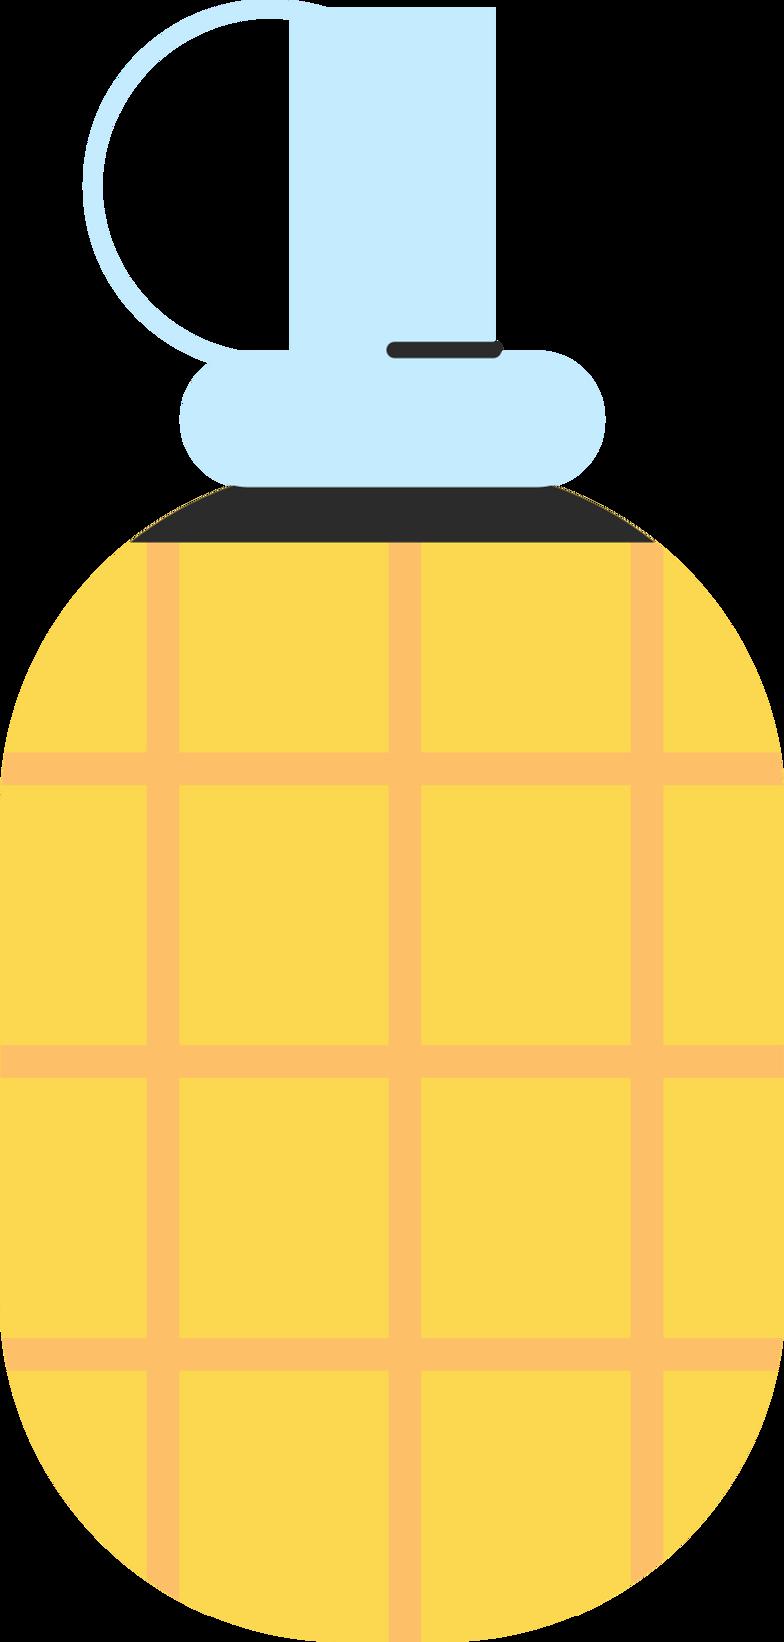 grenade Clipart illustration in PNG, SVG